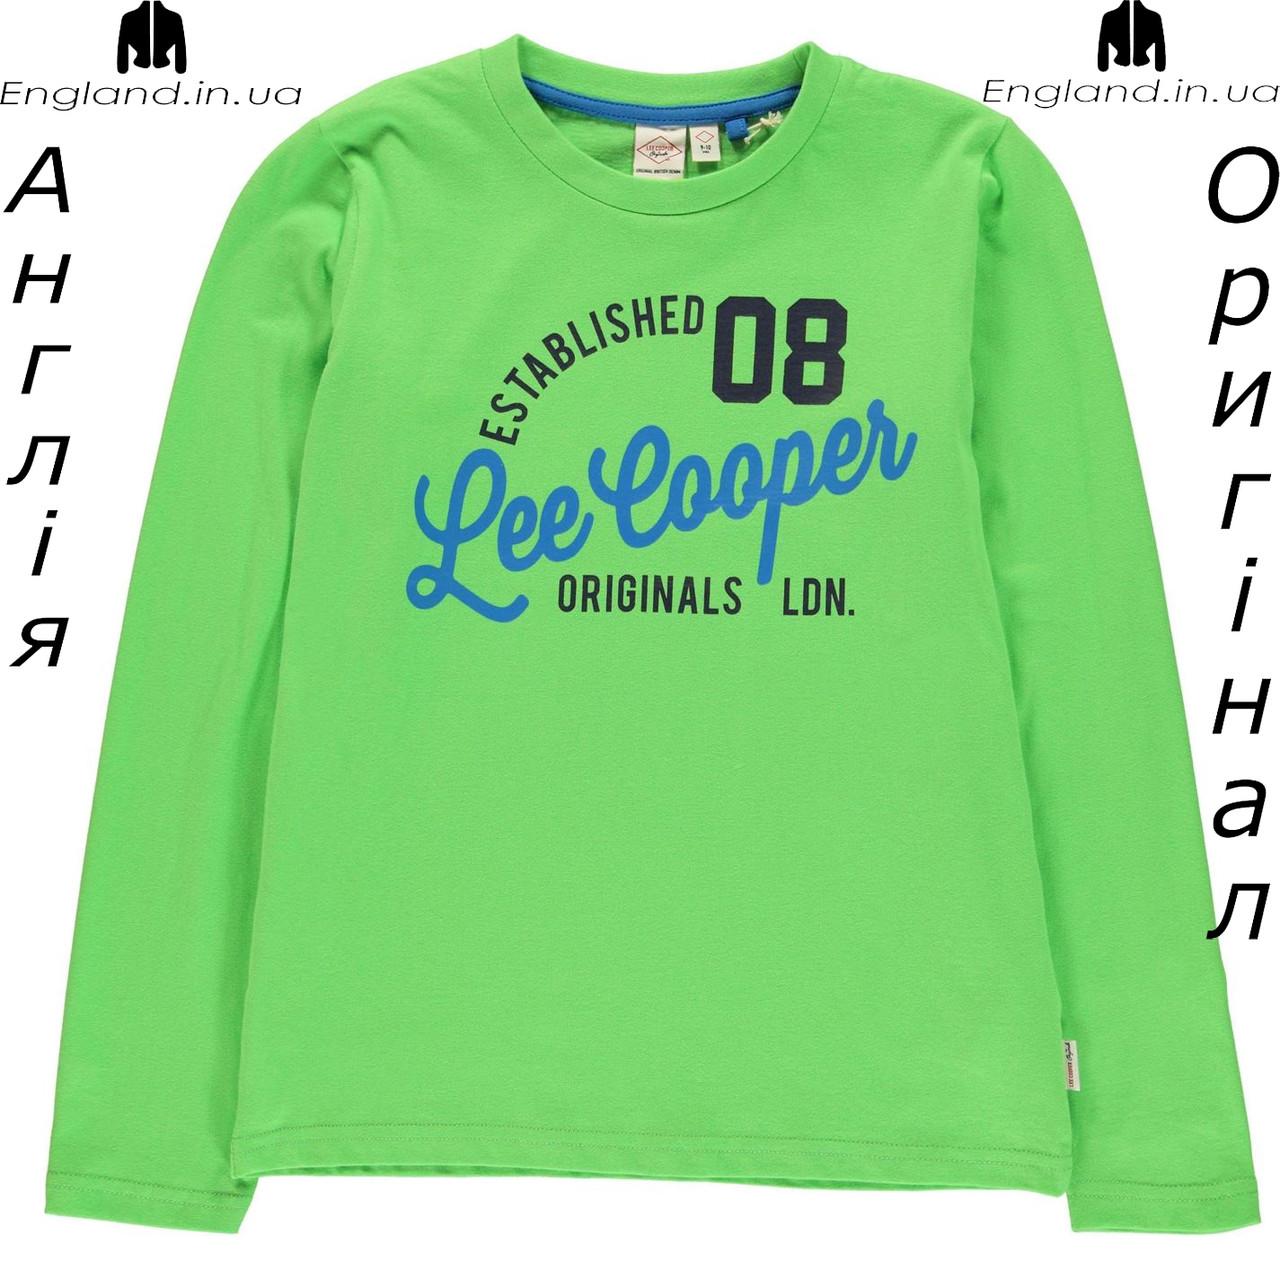 Кофта Lee Cooper из Англии для мальчиков 2-14 лет - осенняя с лого